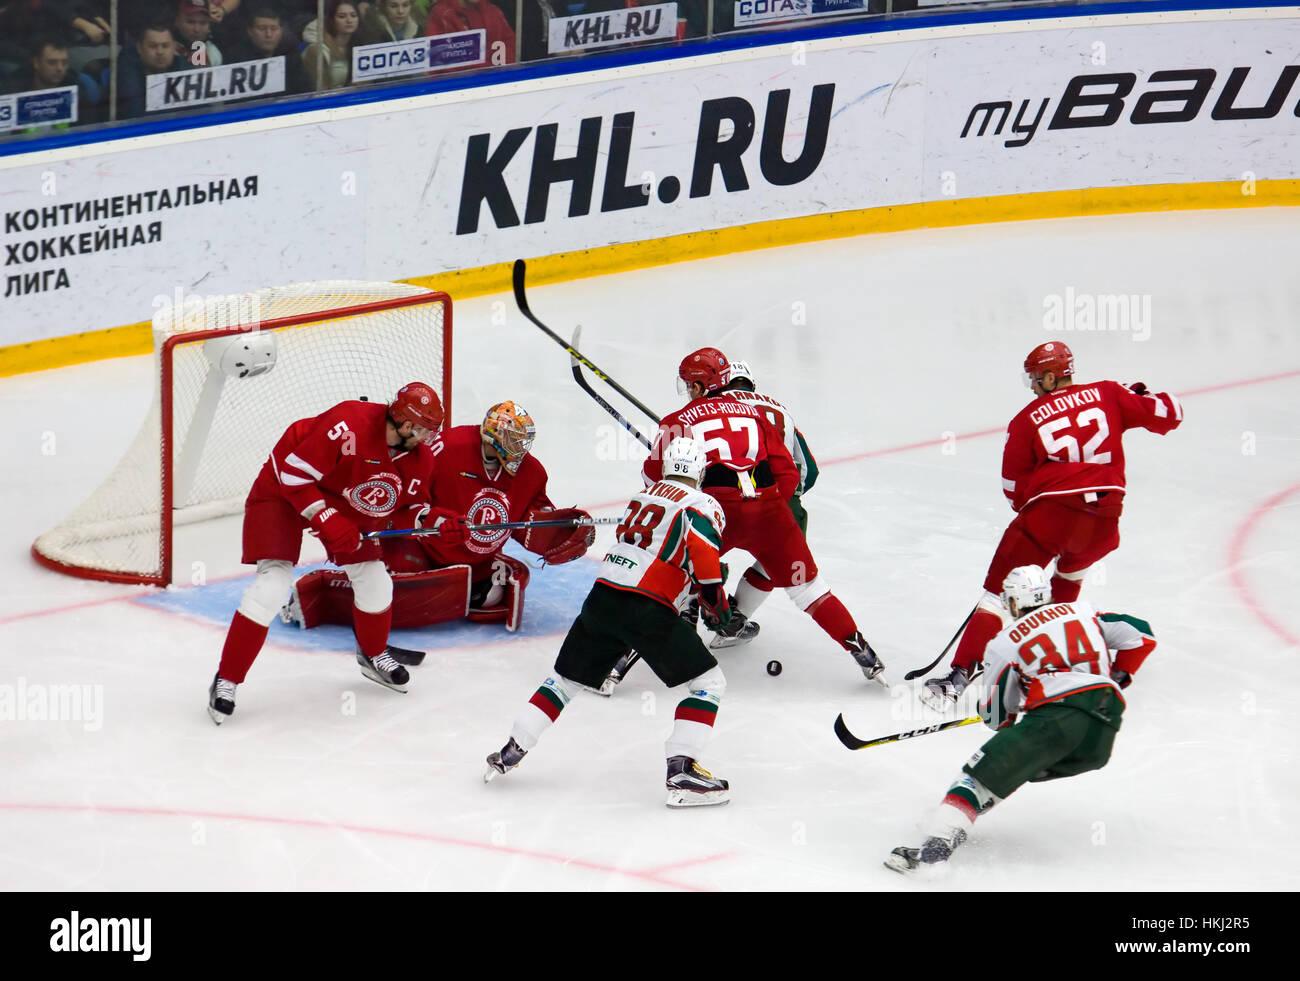 PODOLSK, Russland - 14. Januar 2017: Unbekannte Spieler durch die Witjas Team Tor auf Eishockey Spiel Witjas Vs Stockfoto